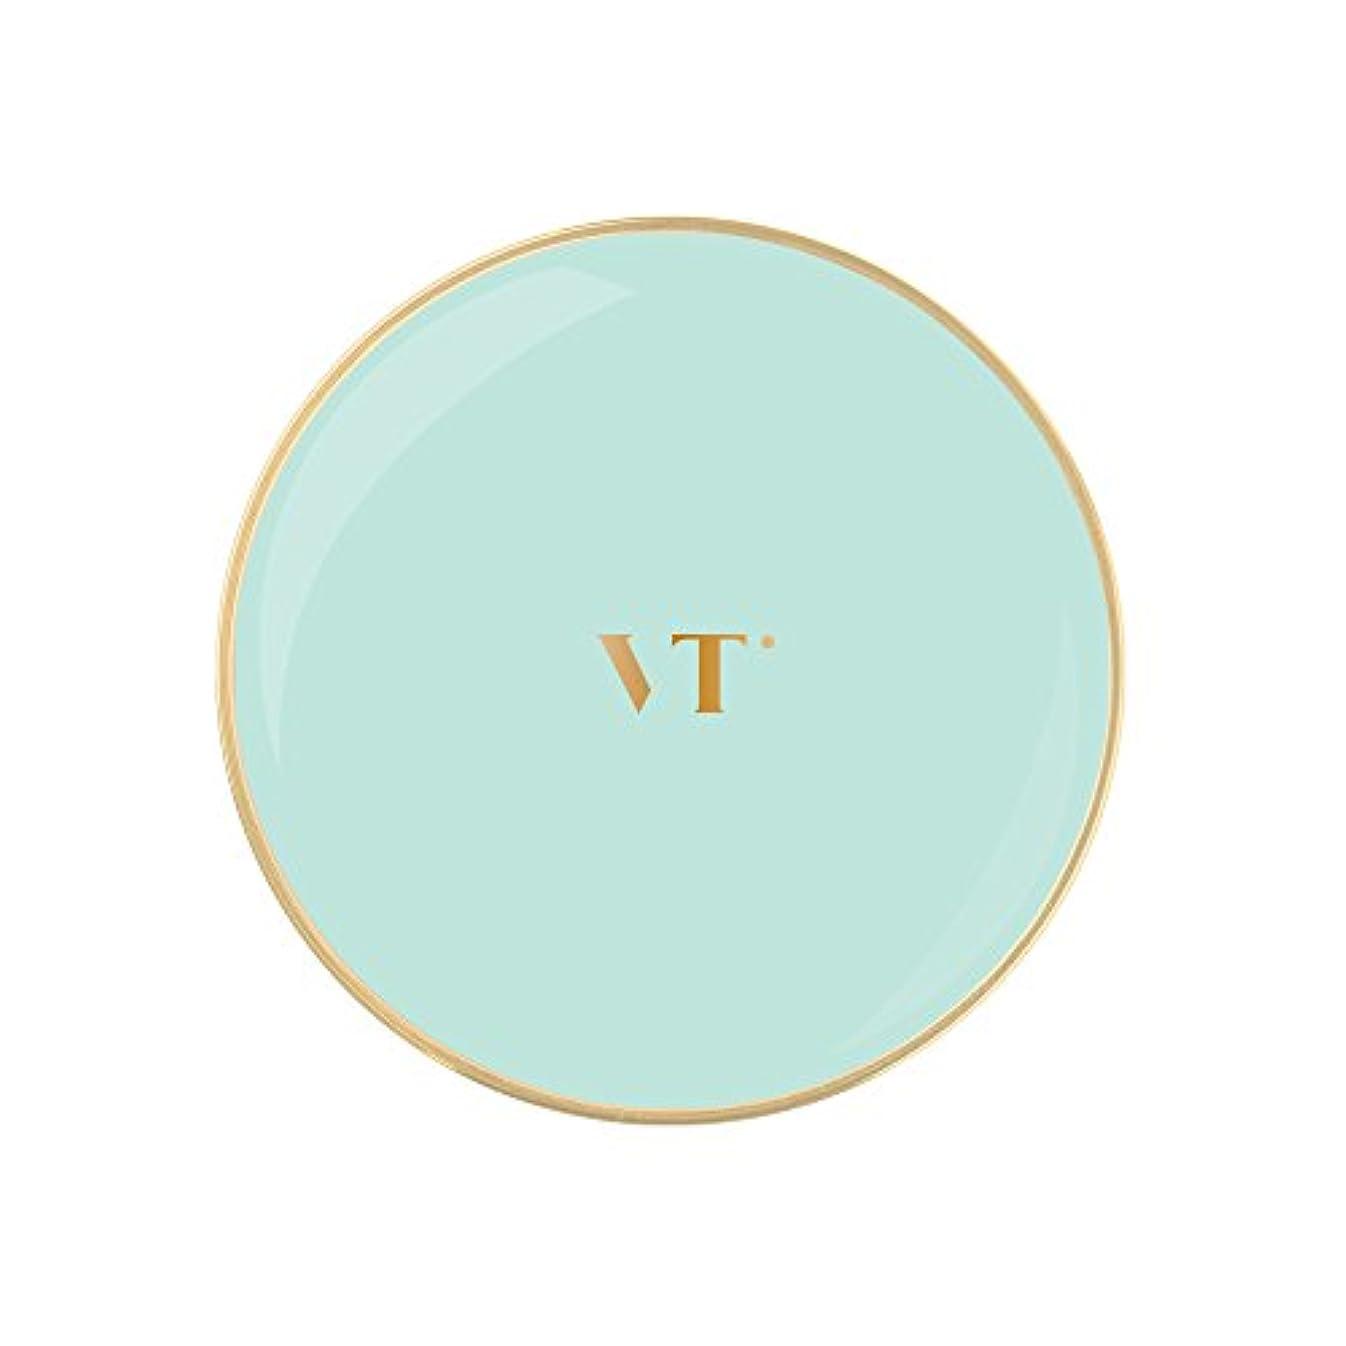 電話楽観説得VT Blue Collagen Pact 11g/ブイティー ブルー コラーゲン パクト 11g (#21) [並行輸入品]